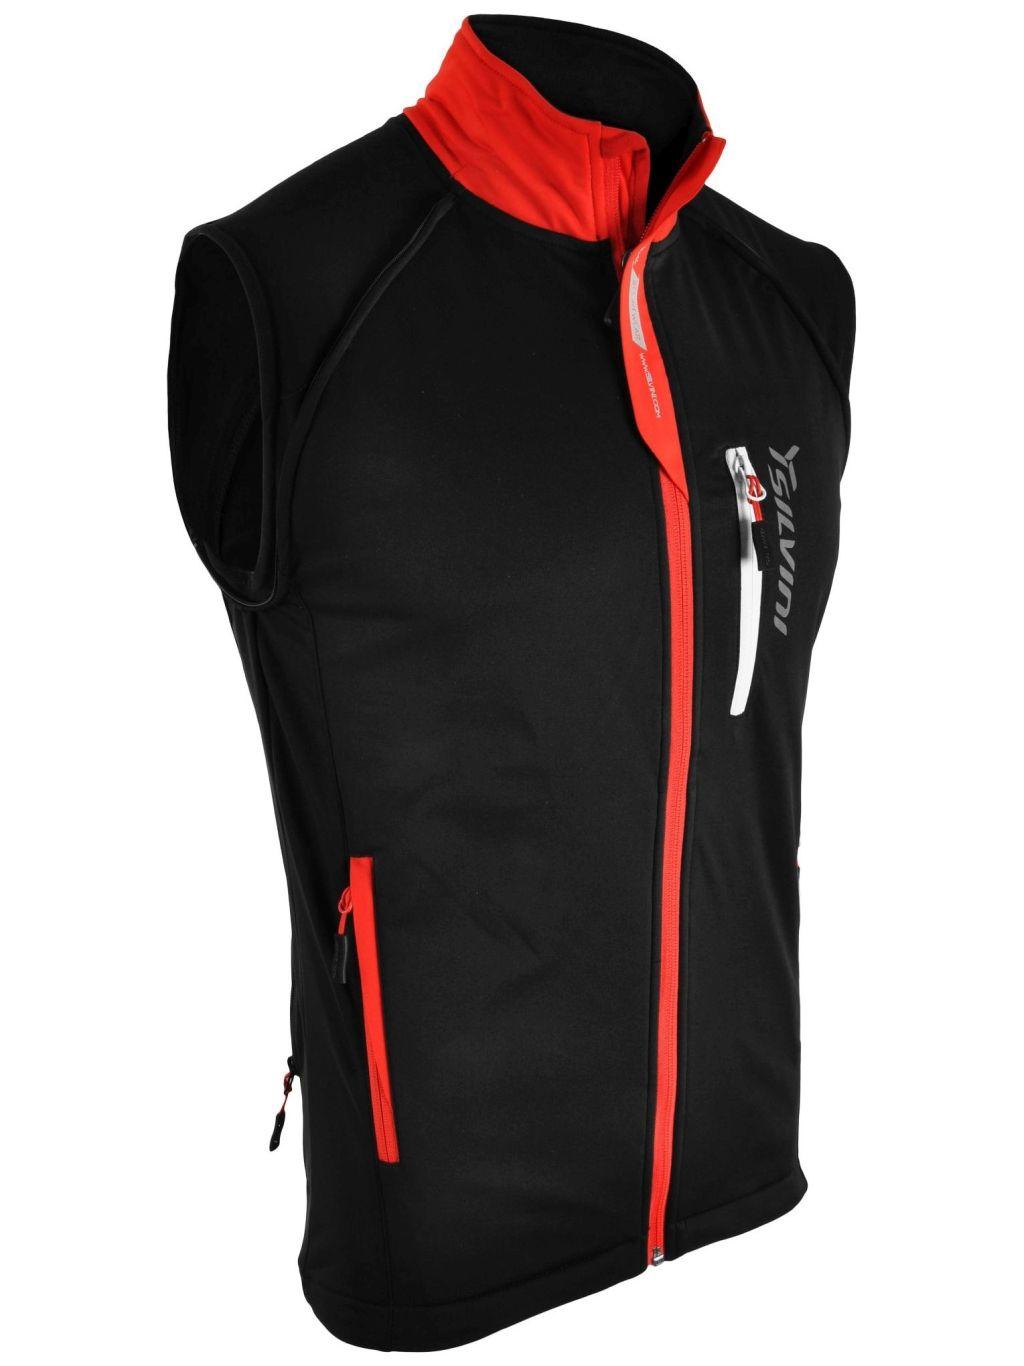 Kurtka na narty biegowe, softshell Silvini Mutta, męska, odpinane rękawy czano+czerwona